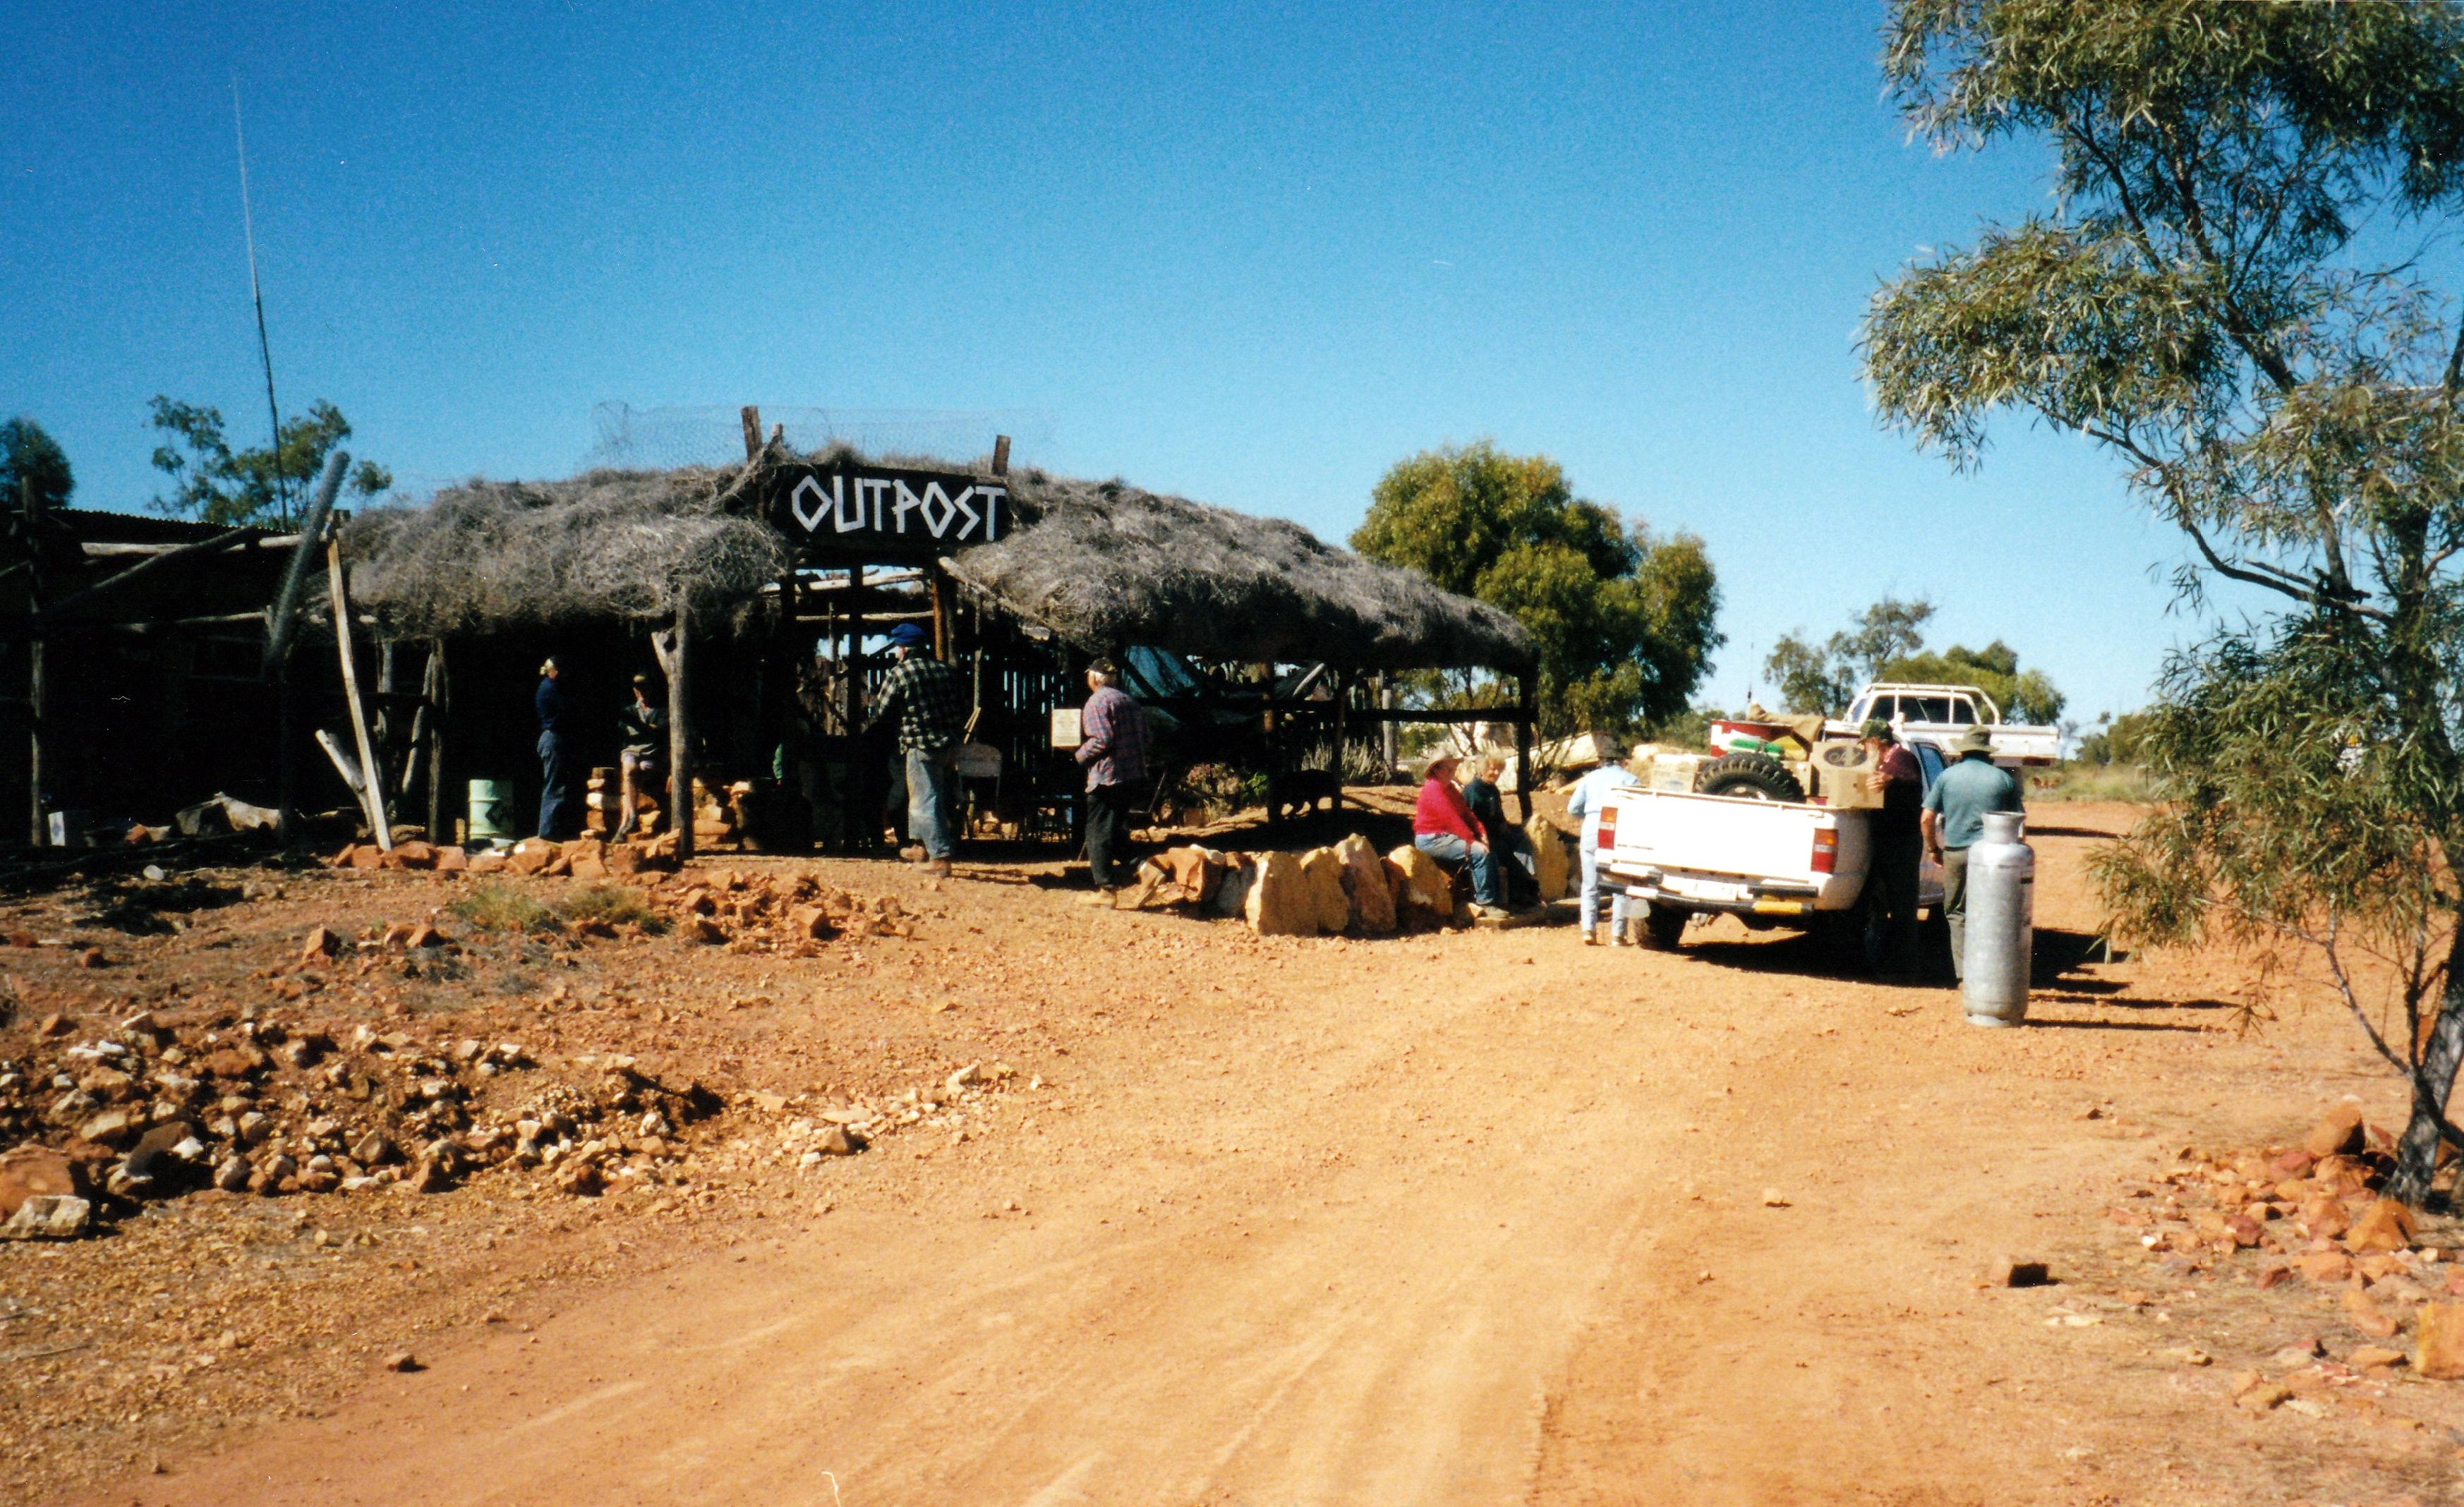 06-01-2000 thursday mail truck.jpg